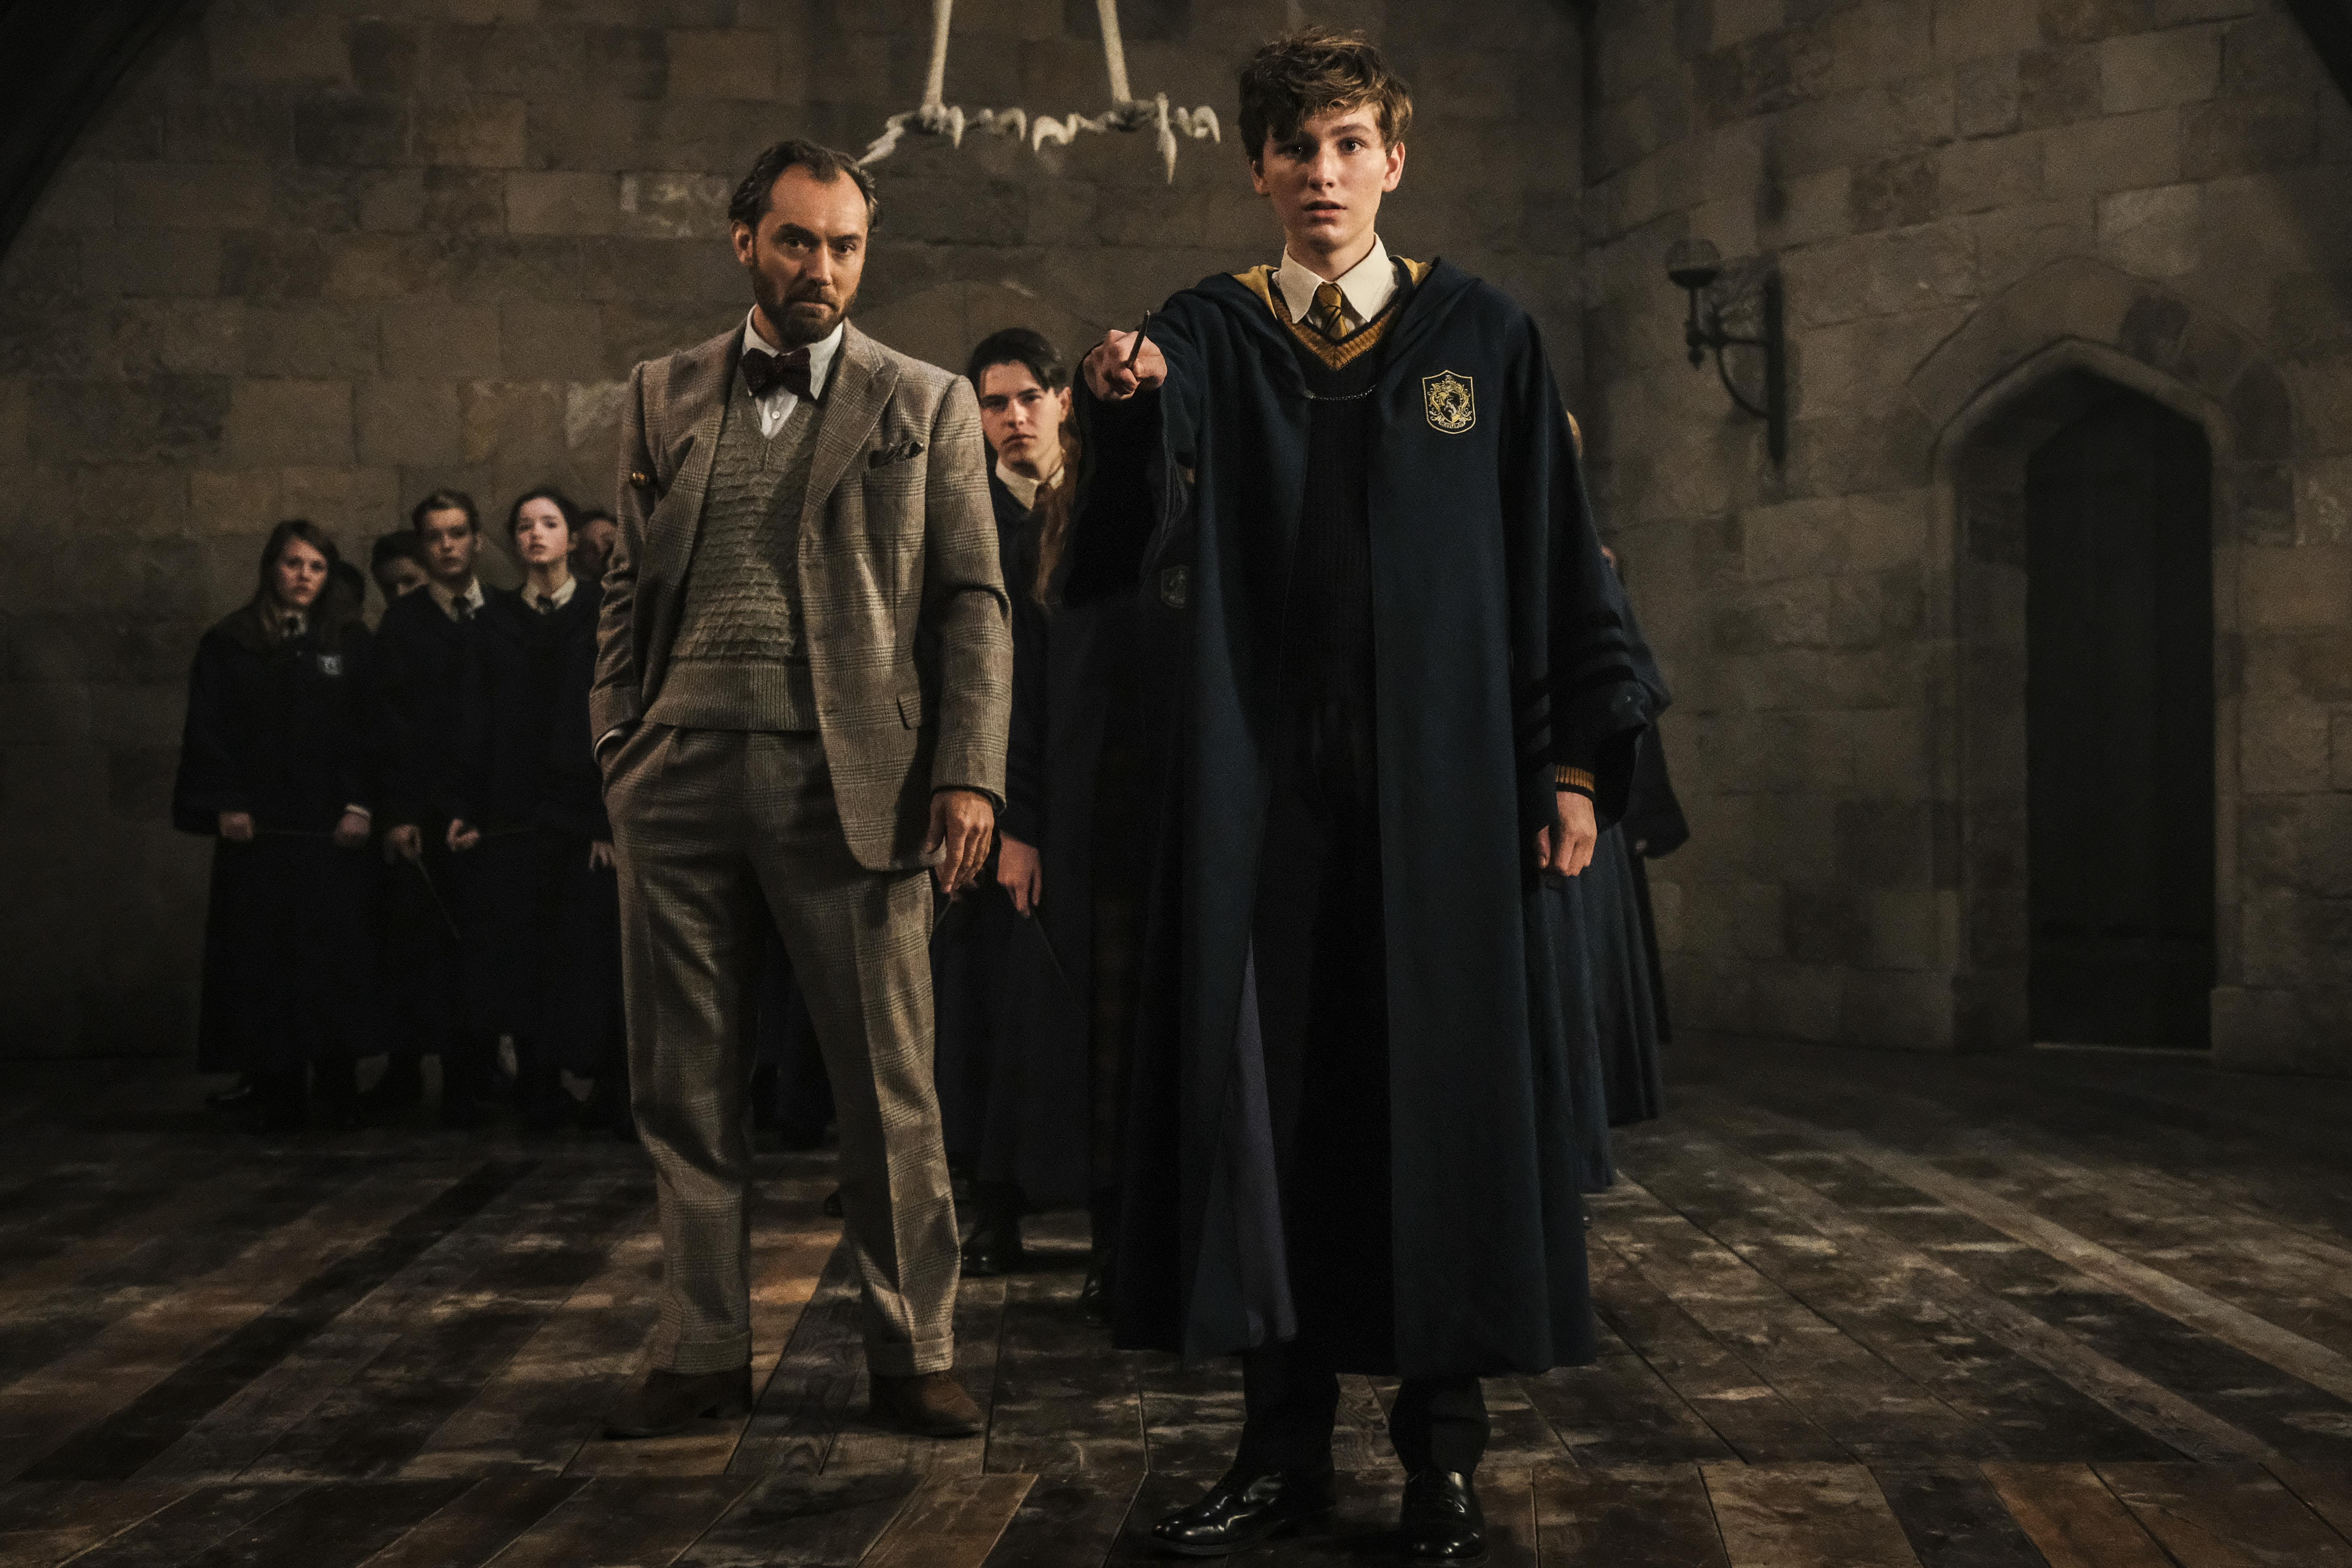 Foto promocional de Animais Fantásticos: Os Crimes de Grindelwald. Na imagem, Dumbledore ensina um jovem Newt. A sala está repleta de alunos ao fundo.